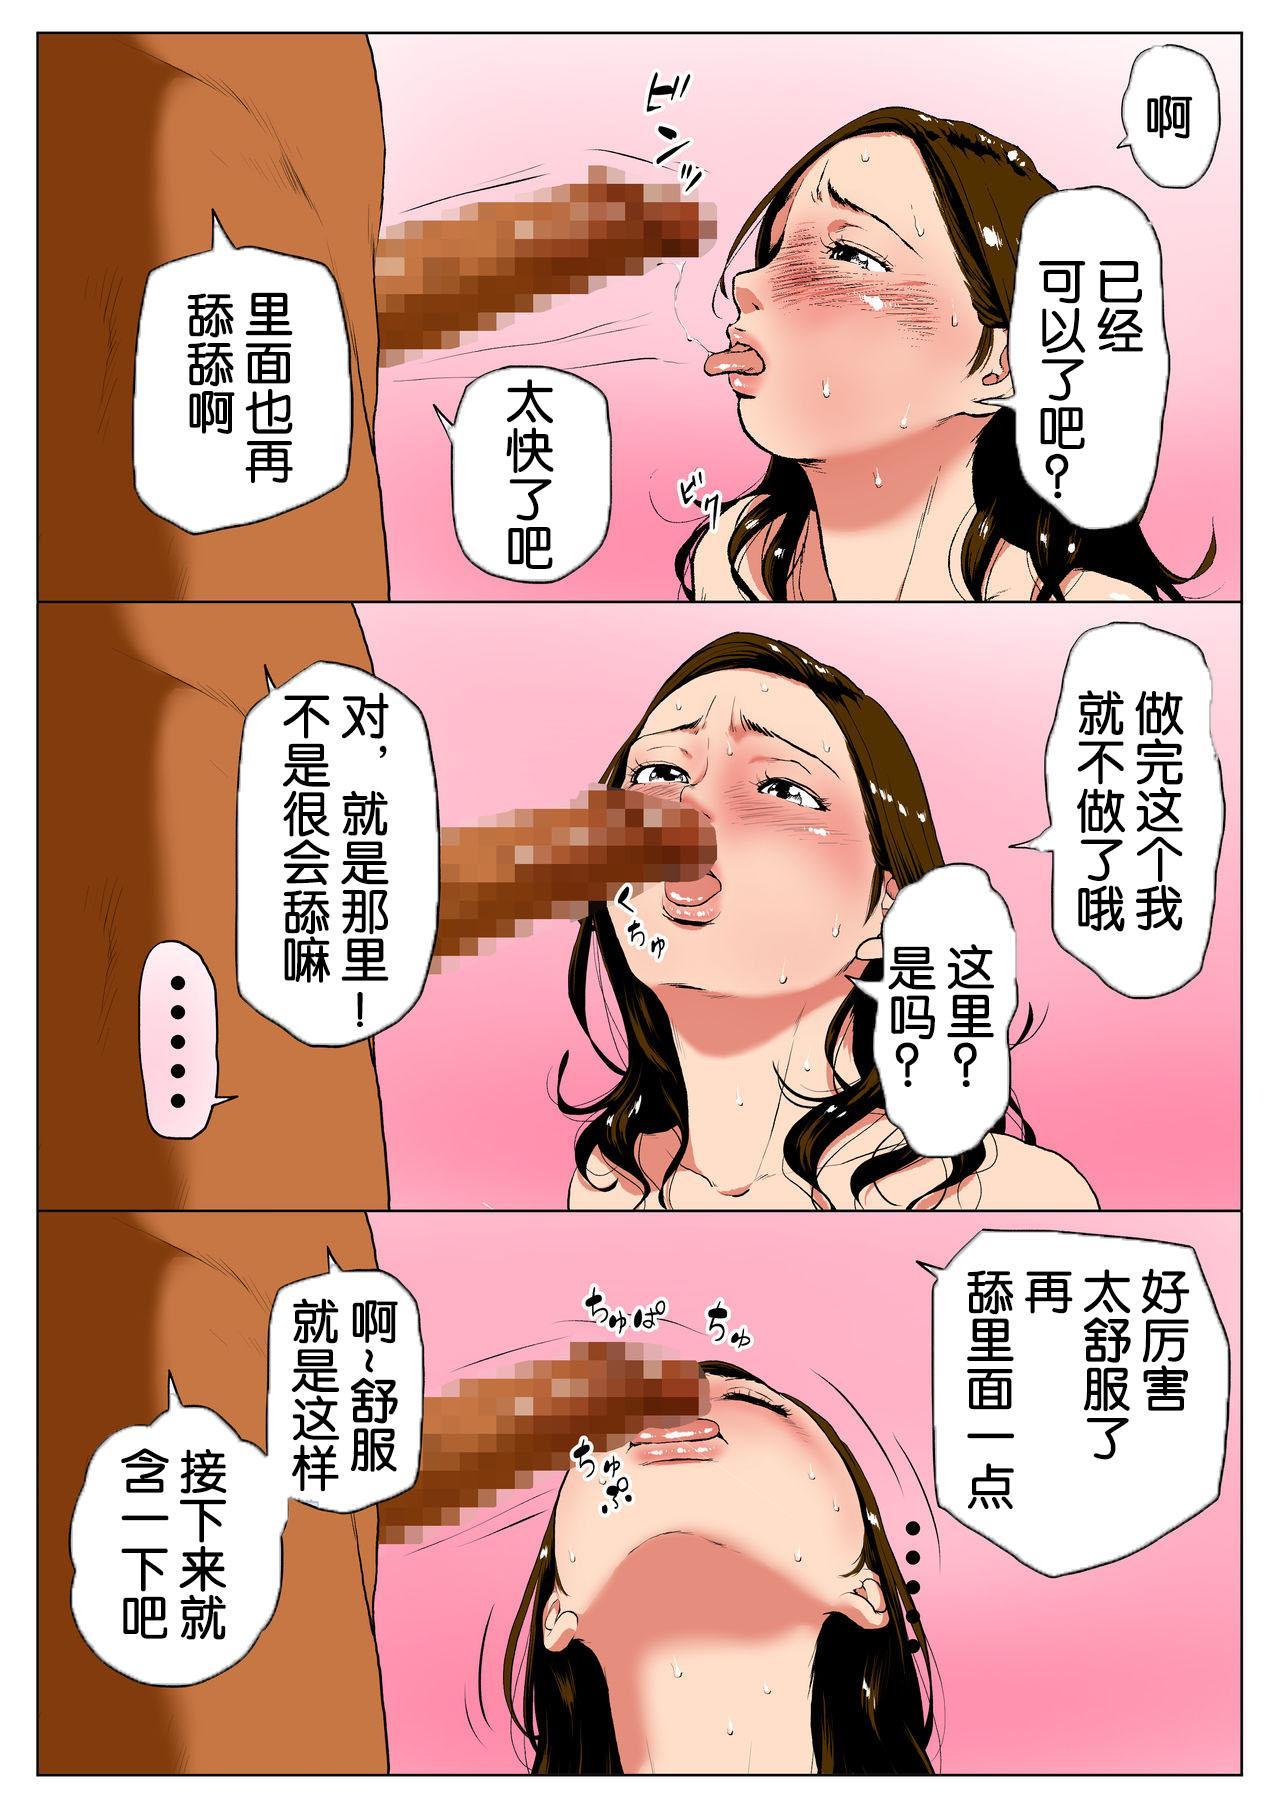 [W no Honnou] Shin, Boku no Tsuma to Kyokon no Moto AV Danyuu Buchou[Chinese]【不可视汉化】 42